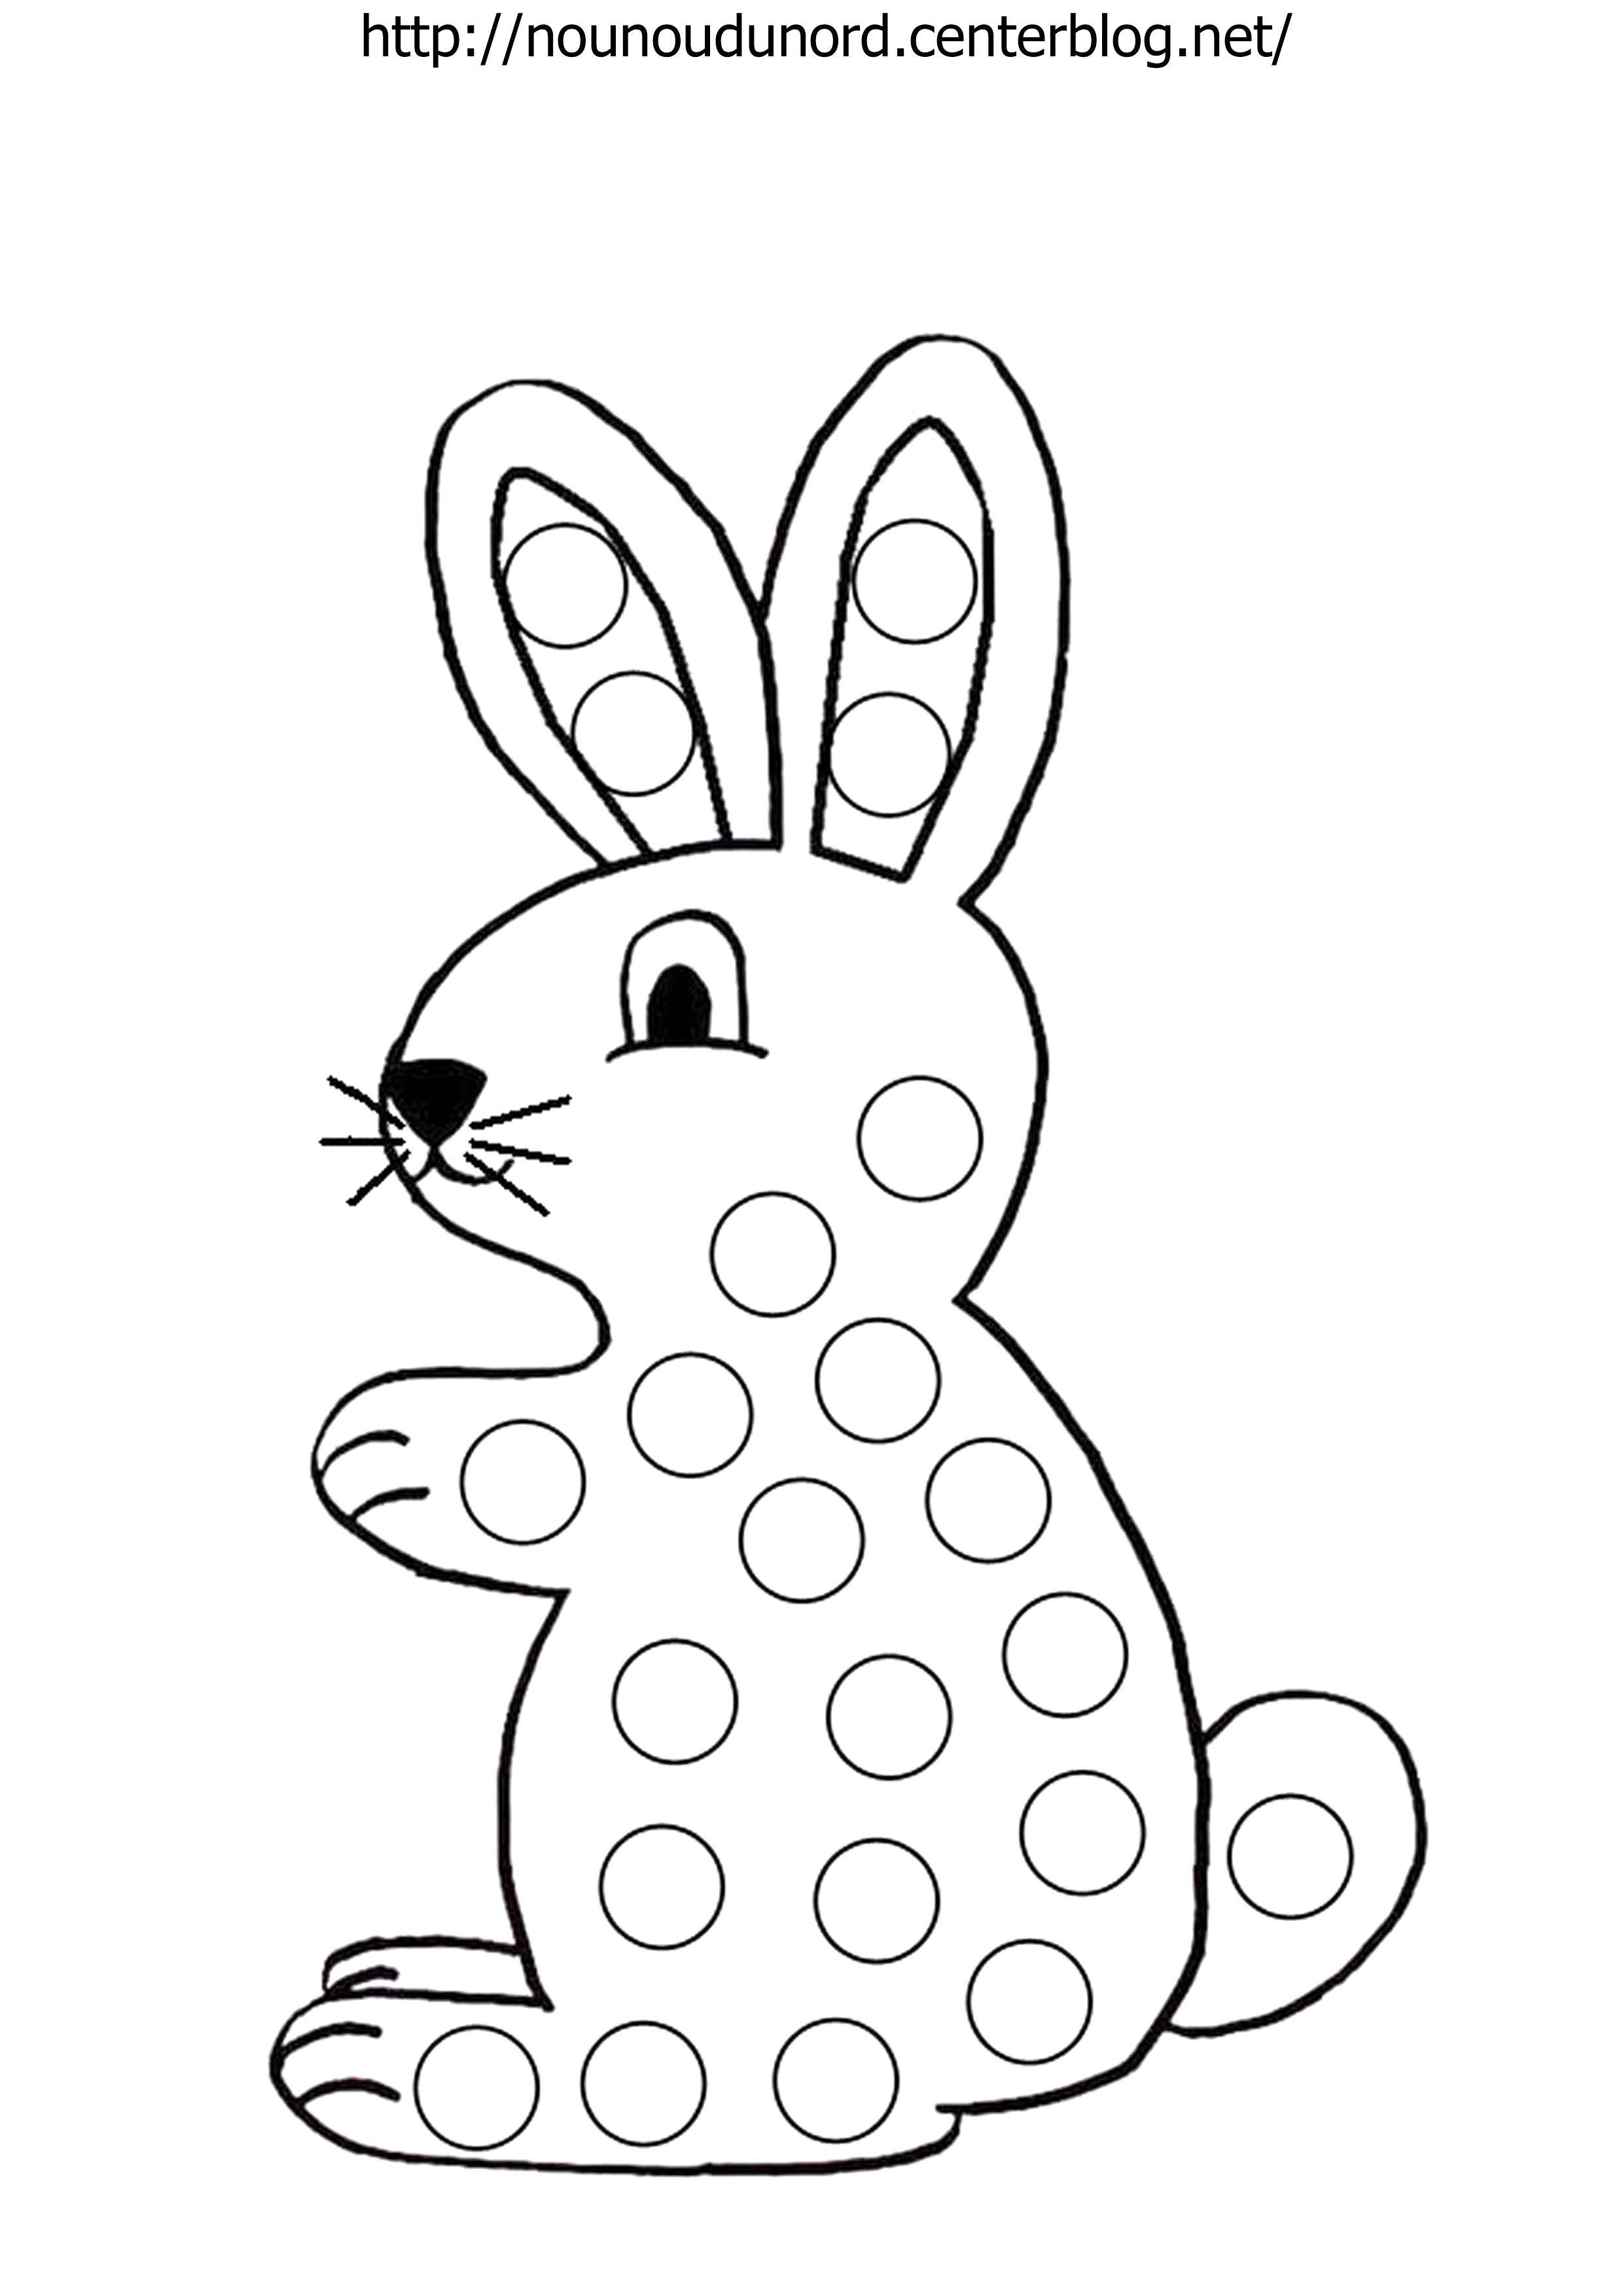 coloriage  u00e0 gommettes le lapin dessin u00e9 par nounoudunord